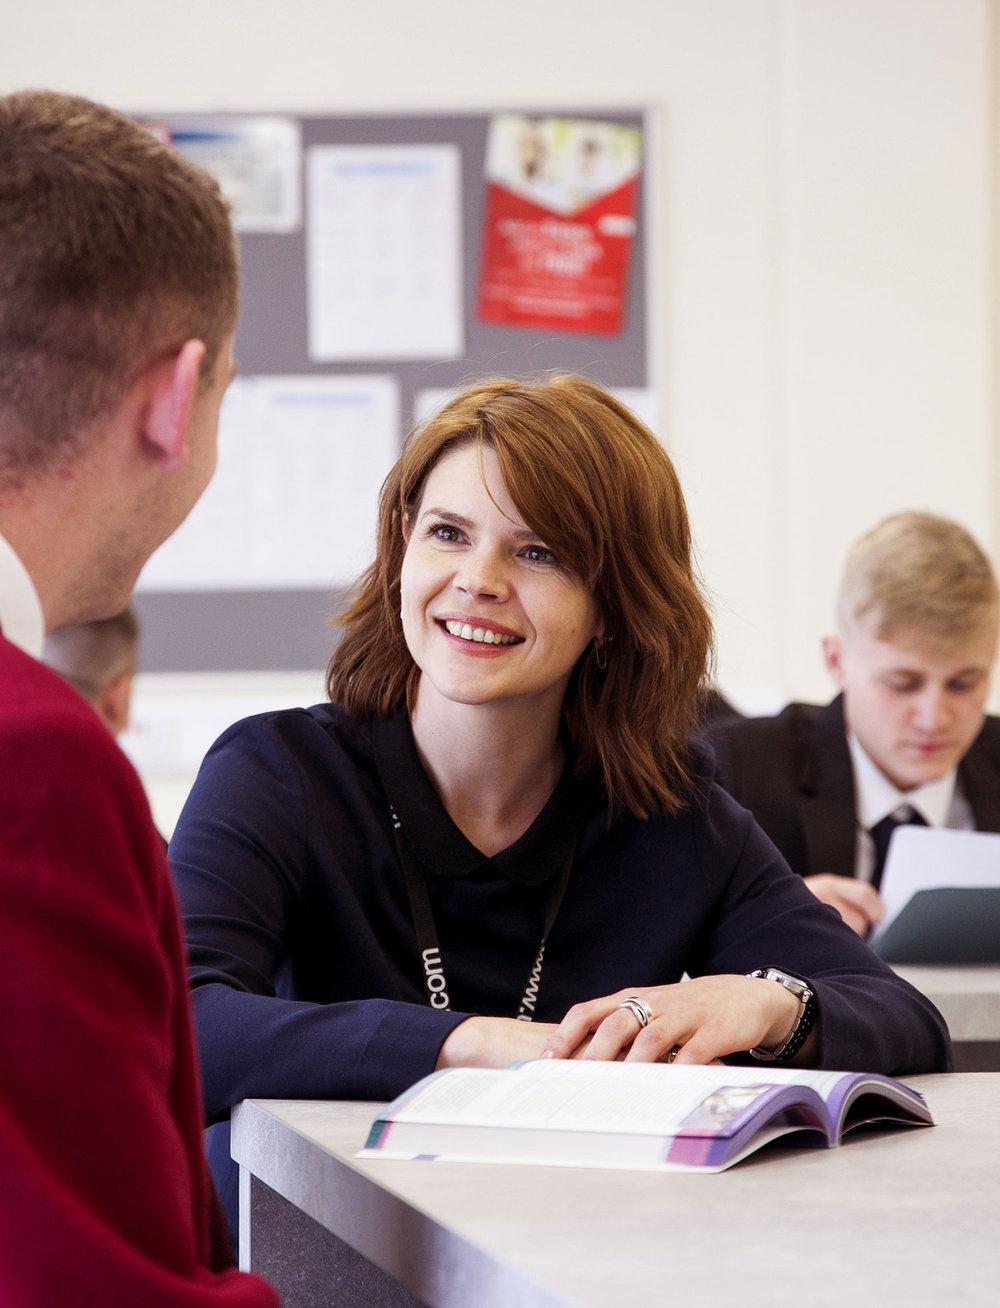 Smiling-Teacher-Relationships-2133.jpg